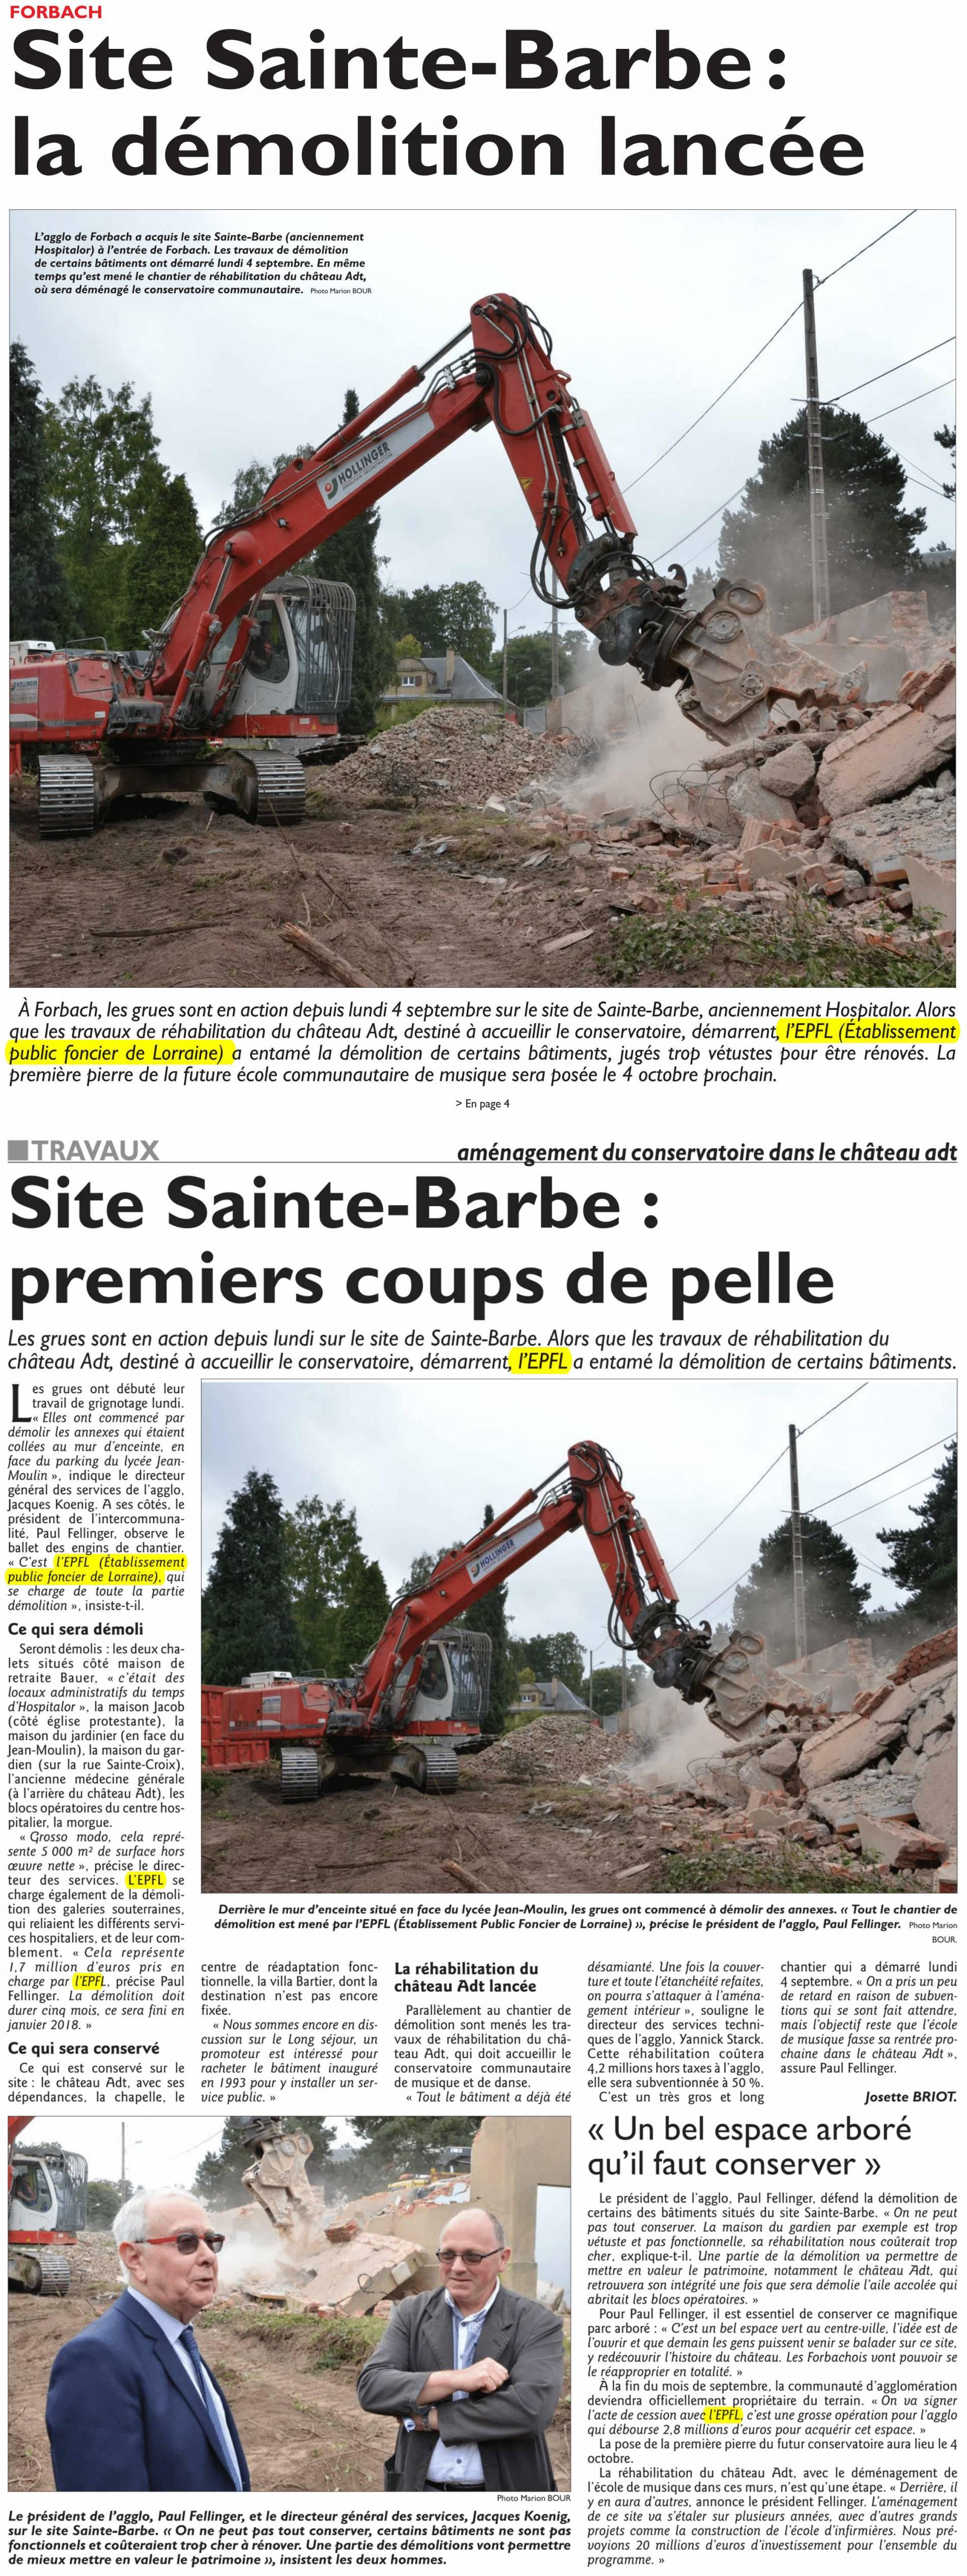 Site Sainte-Barbe : la démolition lancée